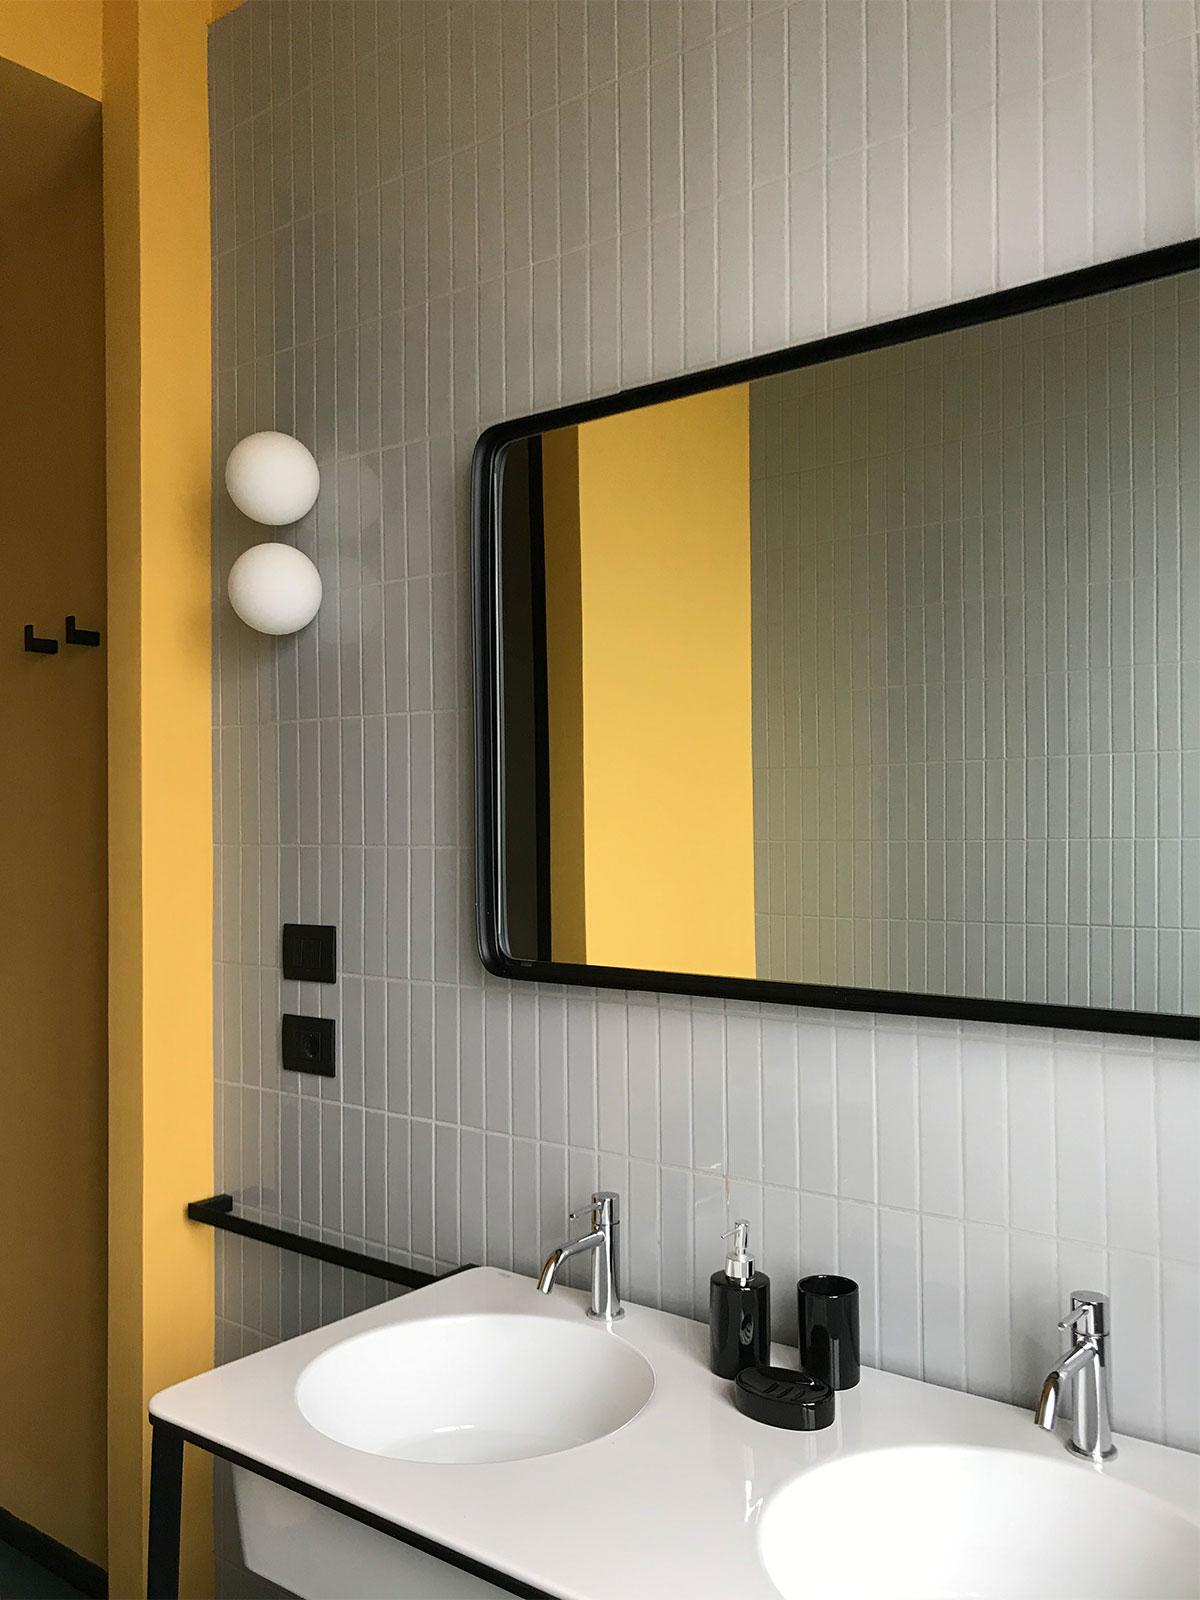 kickoffice casa ff2 bathroom tiles mirror lamp ceramicavogue cielo artemide